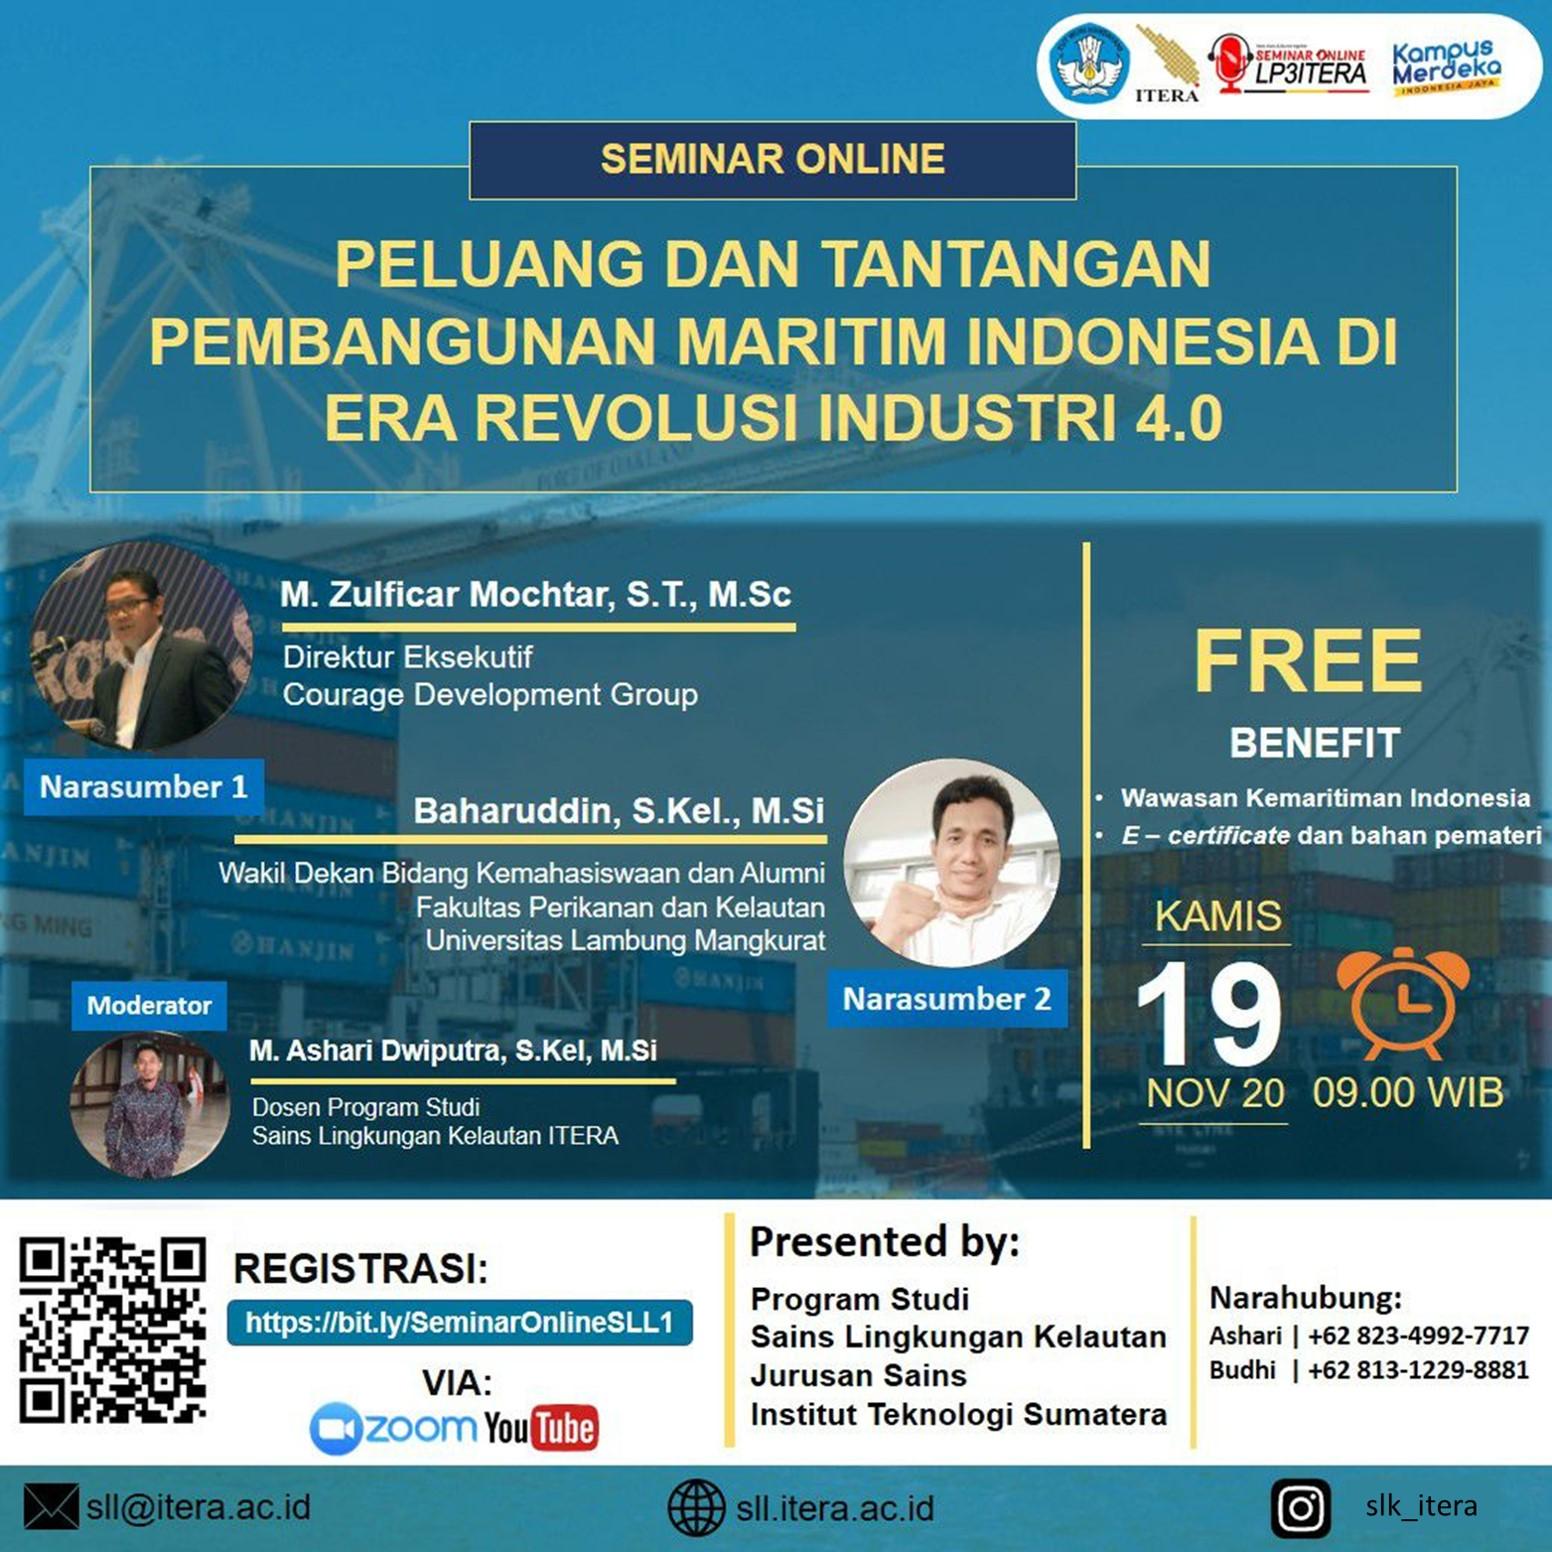 Materi Seminar Online #1 – PELUANG DAN TANTANGAN PEMBANGUNAN MARITIM INDONESIA DI ERA REVOLUSI INDUSTRI 4.0